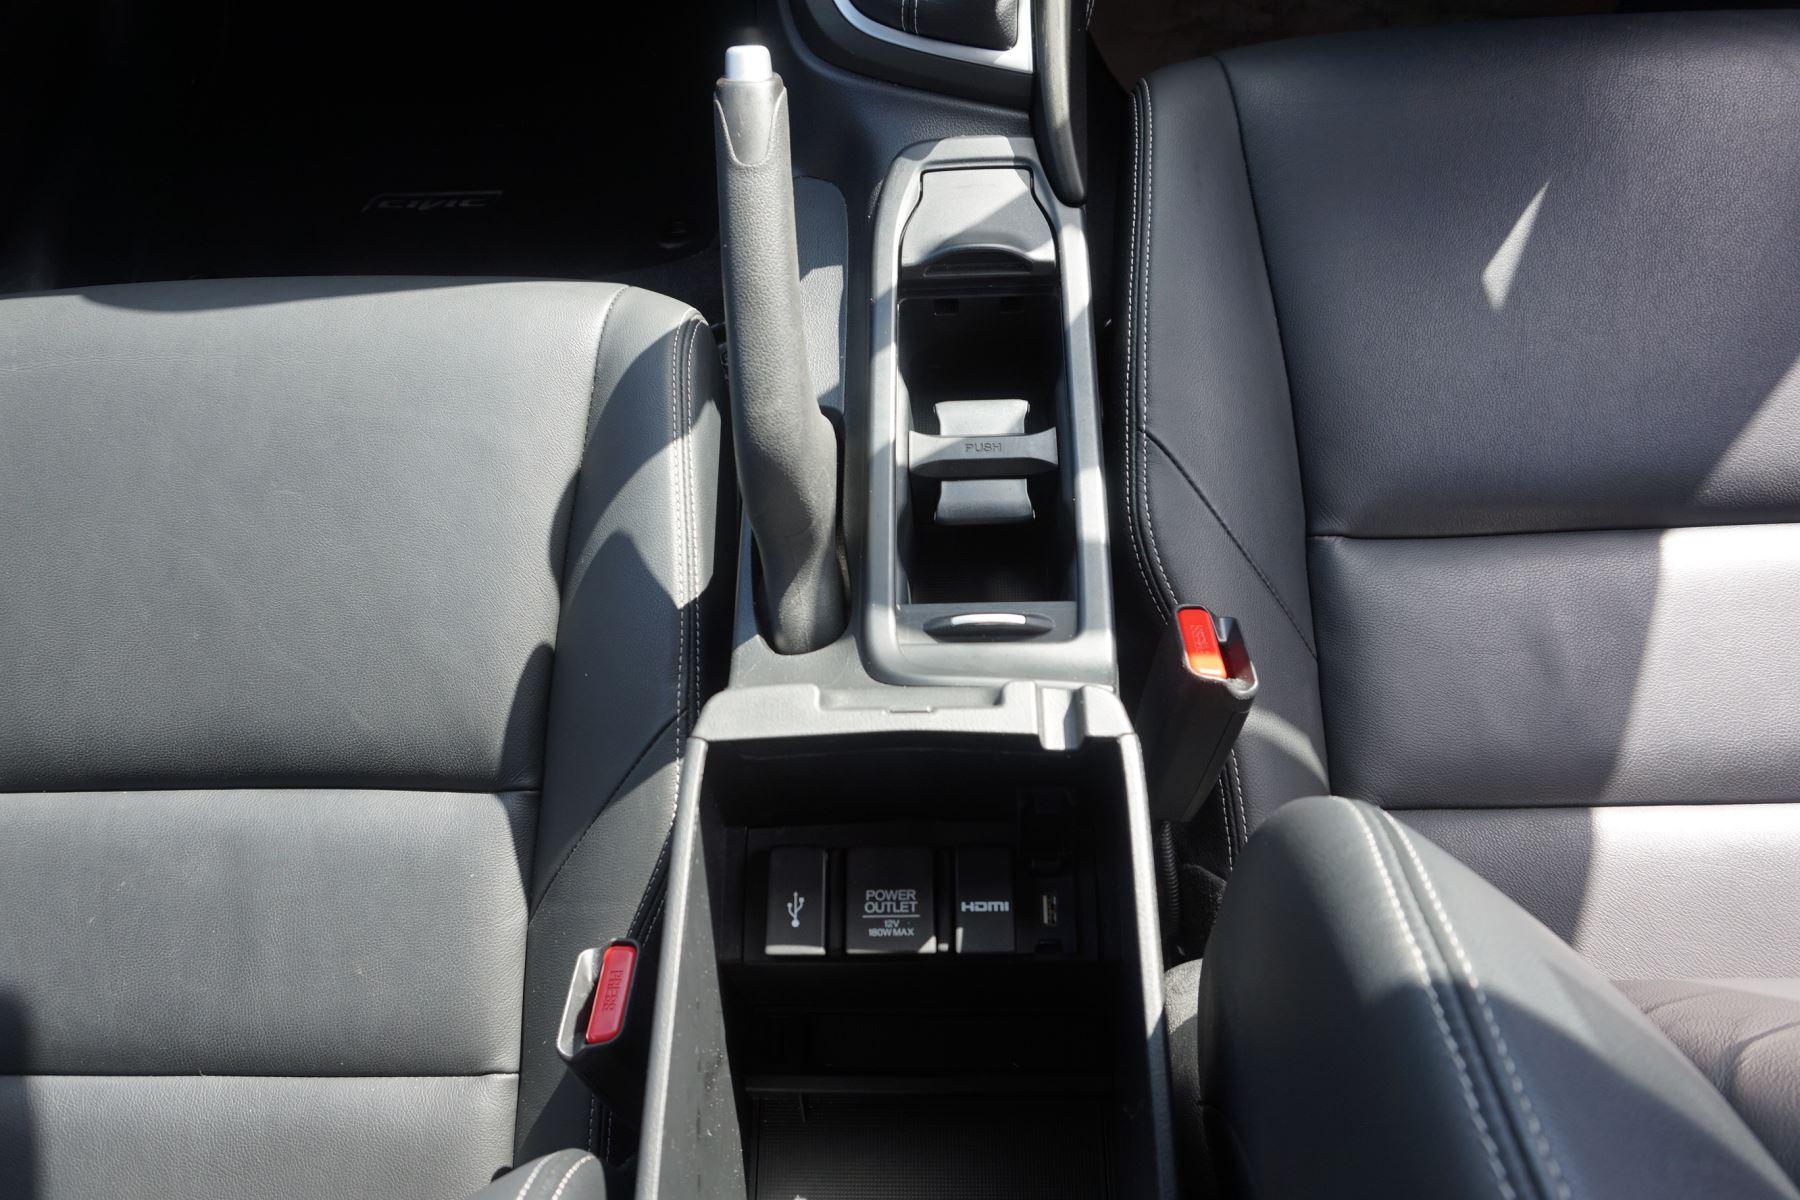 Honda Civic 1.6 i-DTEC SR 5dr image 13